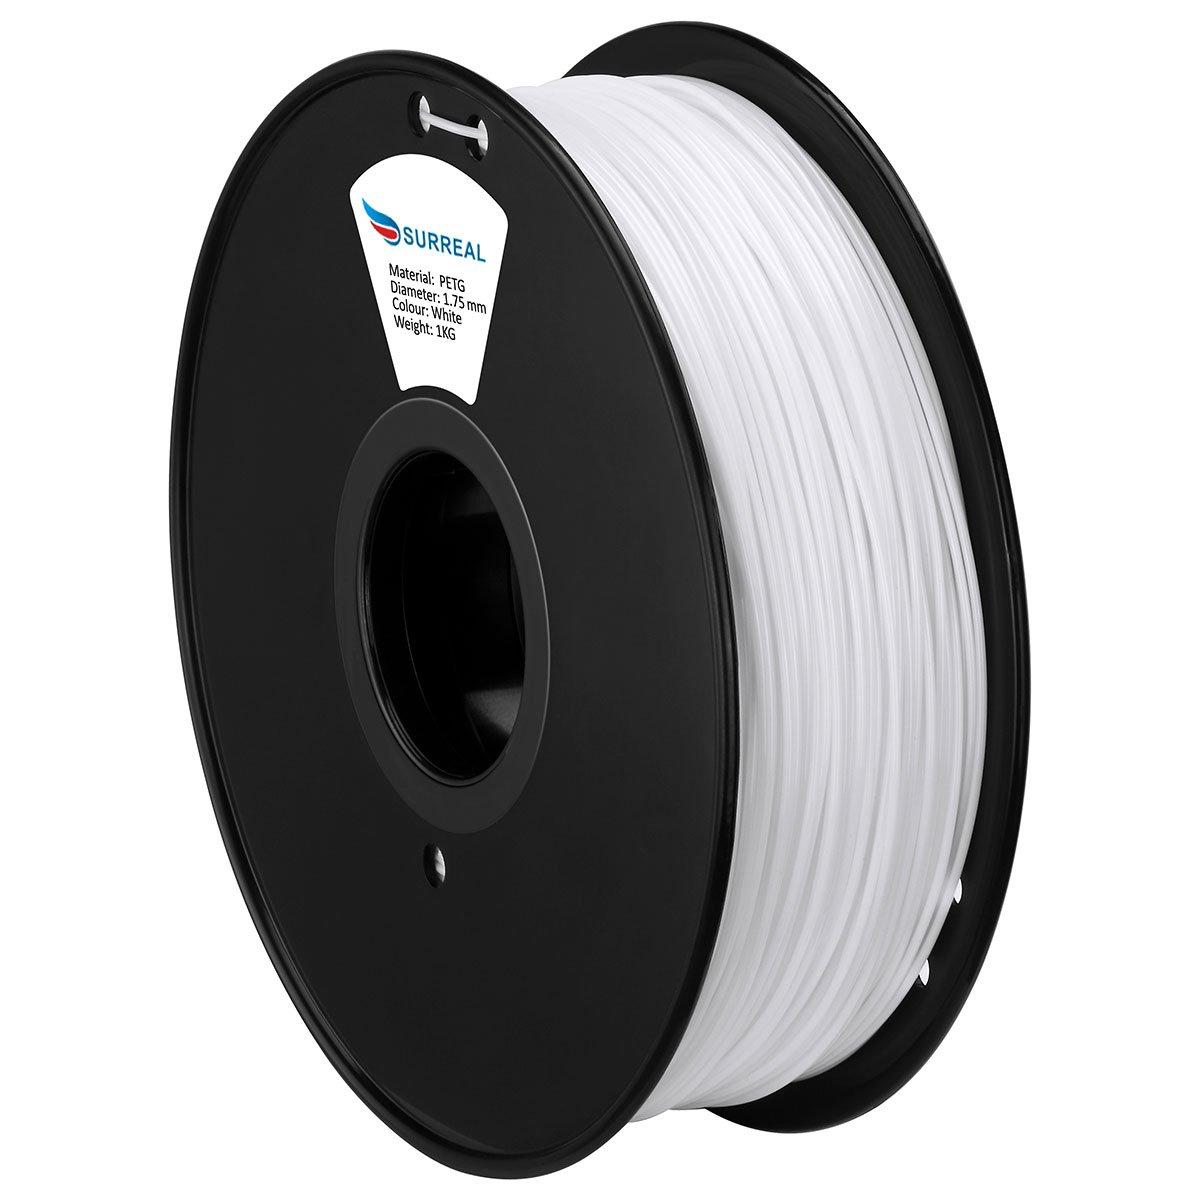 Surreal PETG Filament Rolle 1,75mm 1 KG Transparet Gelb f/ür 3D-Drucker